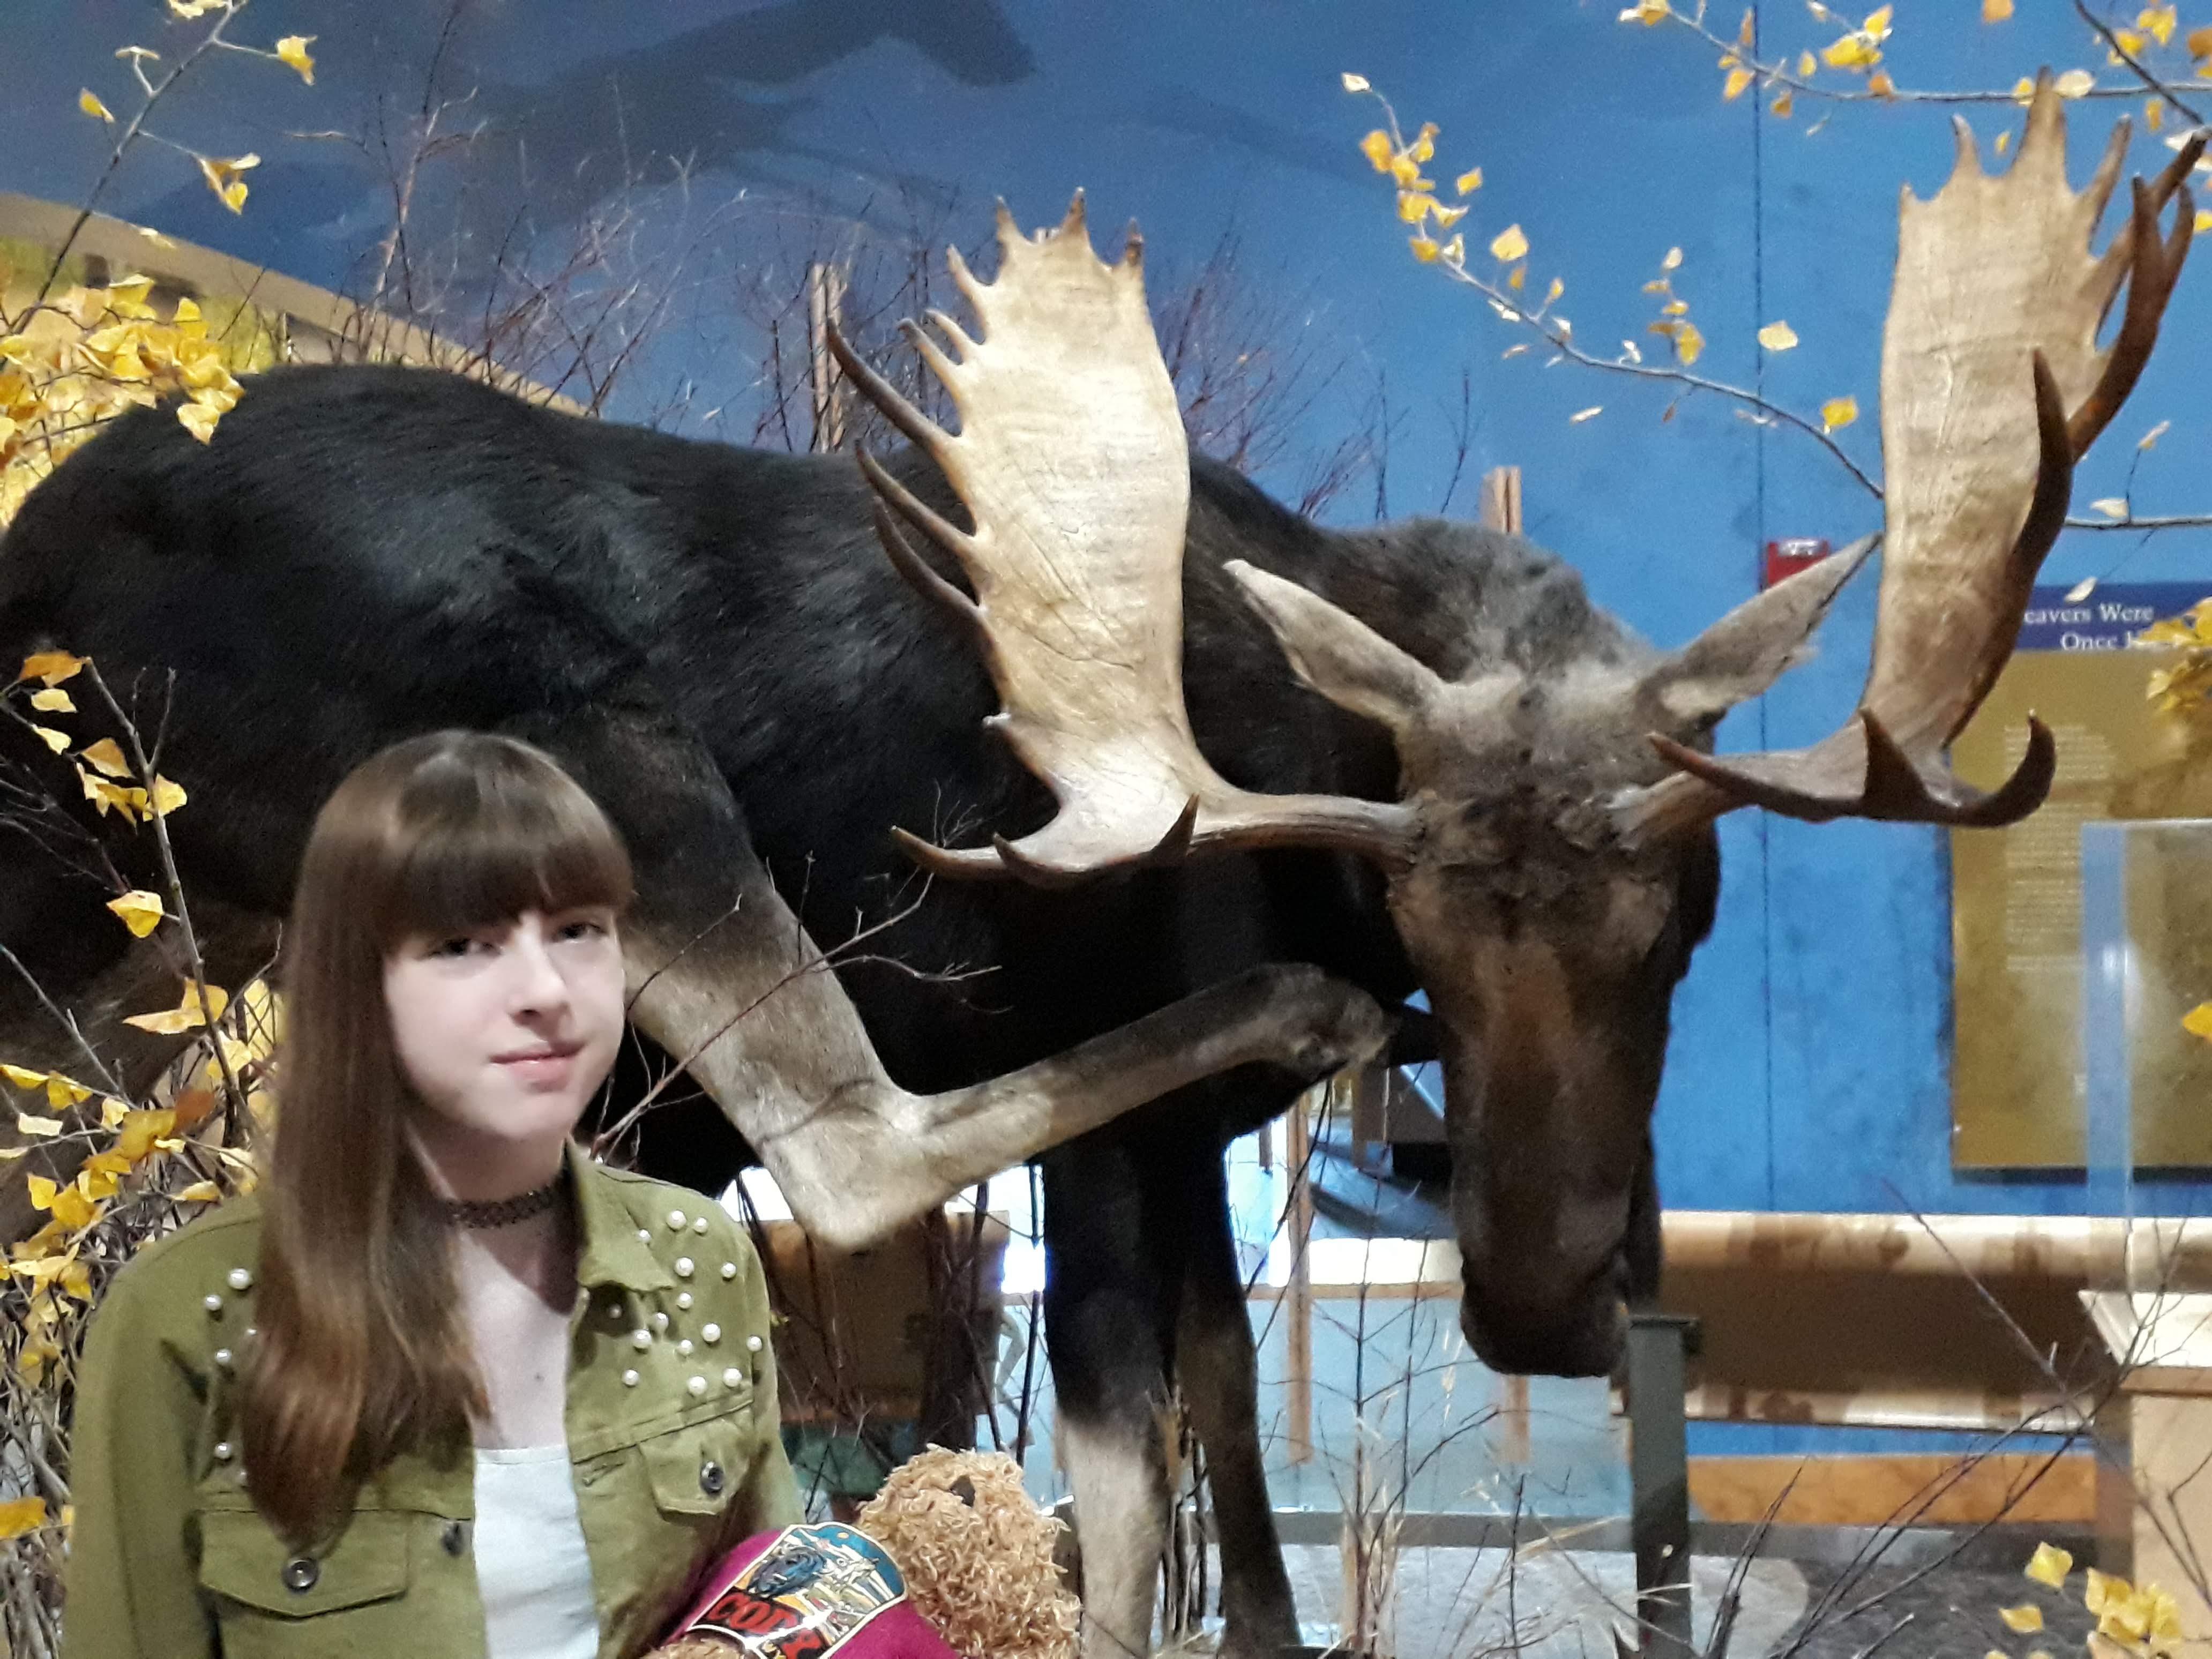 Cody - Wyoming - Moose Exhibit